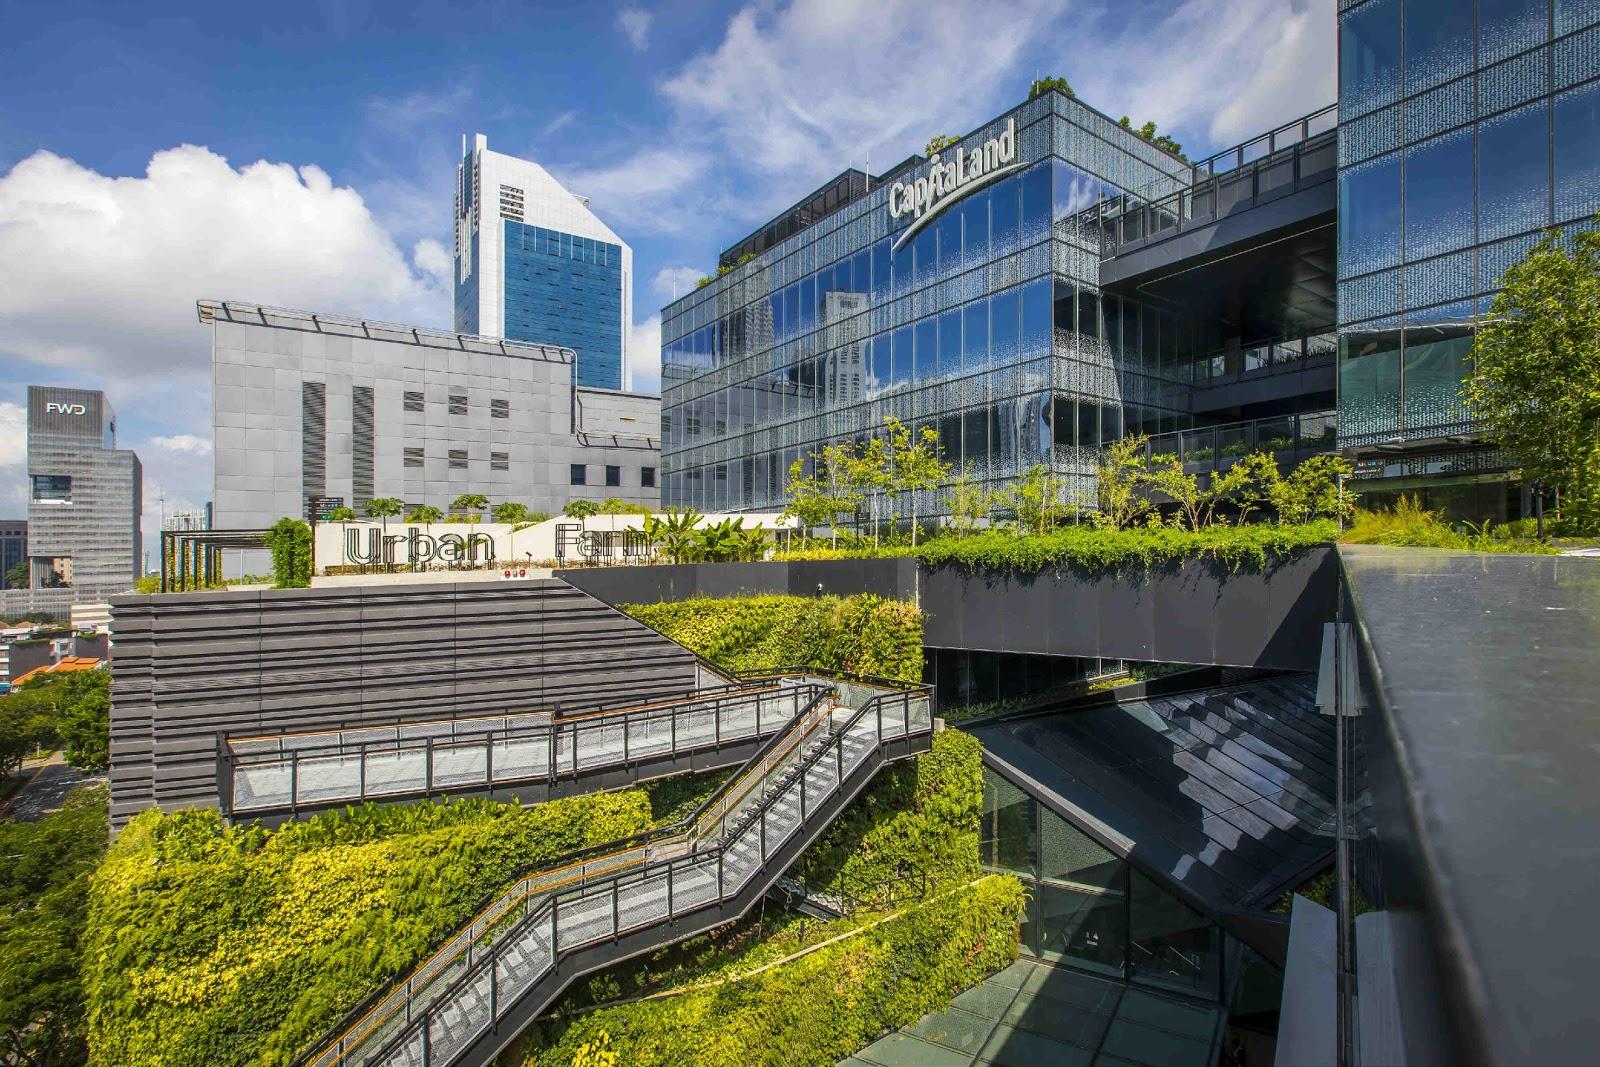 CapitaLand CapitaLand ra mắt Kế hoạch tổng thể phát triển bền vững năm 2030